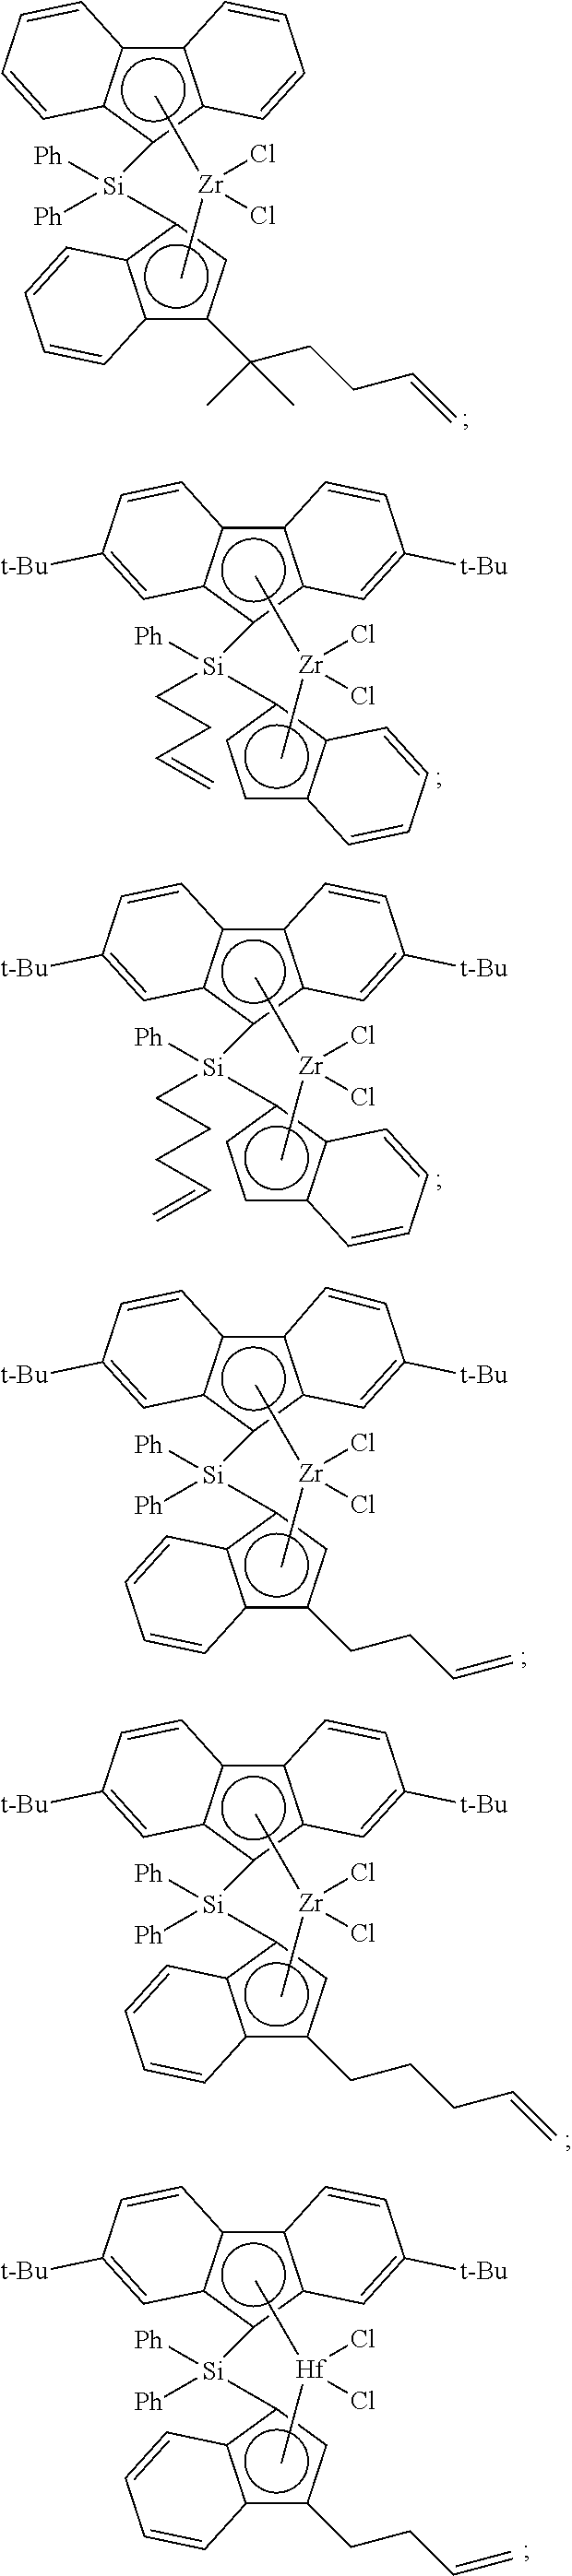 Figure US08609793-20131217-C00021